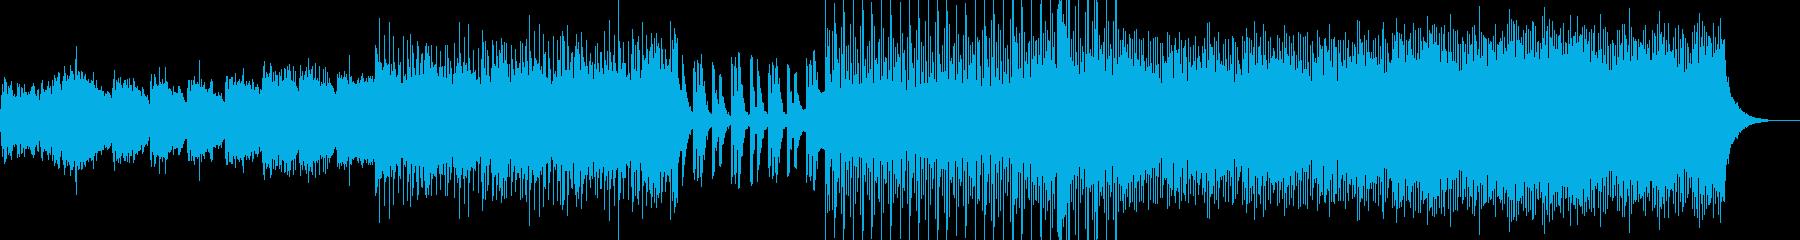 80年代風シンセポップの再生済みの波形